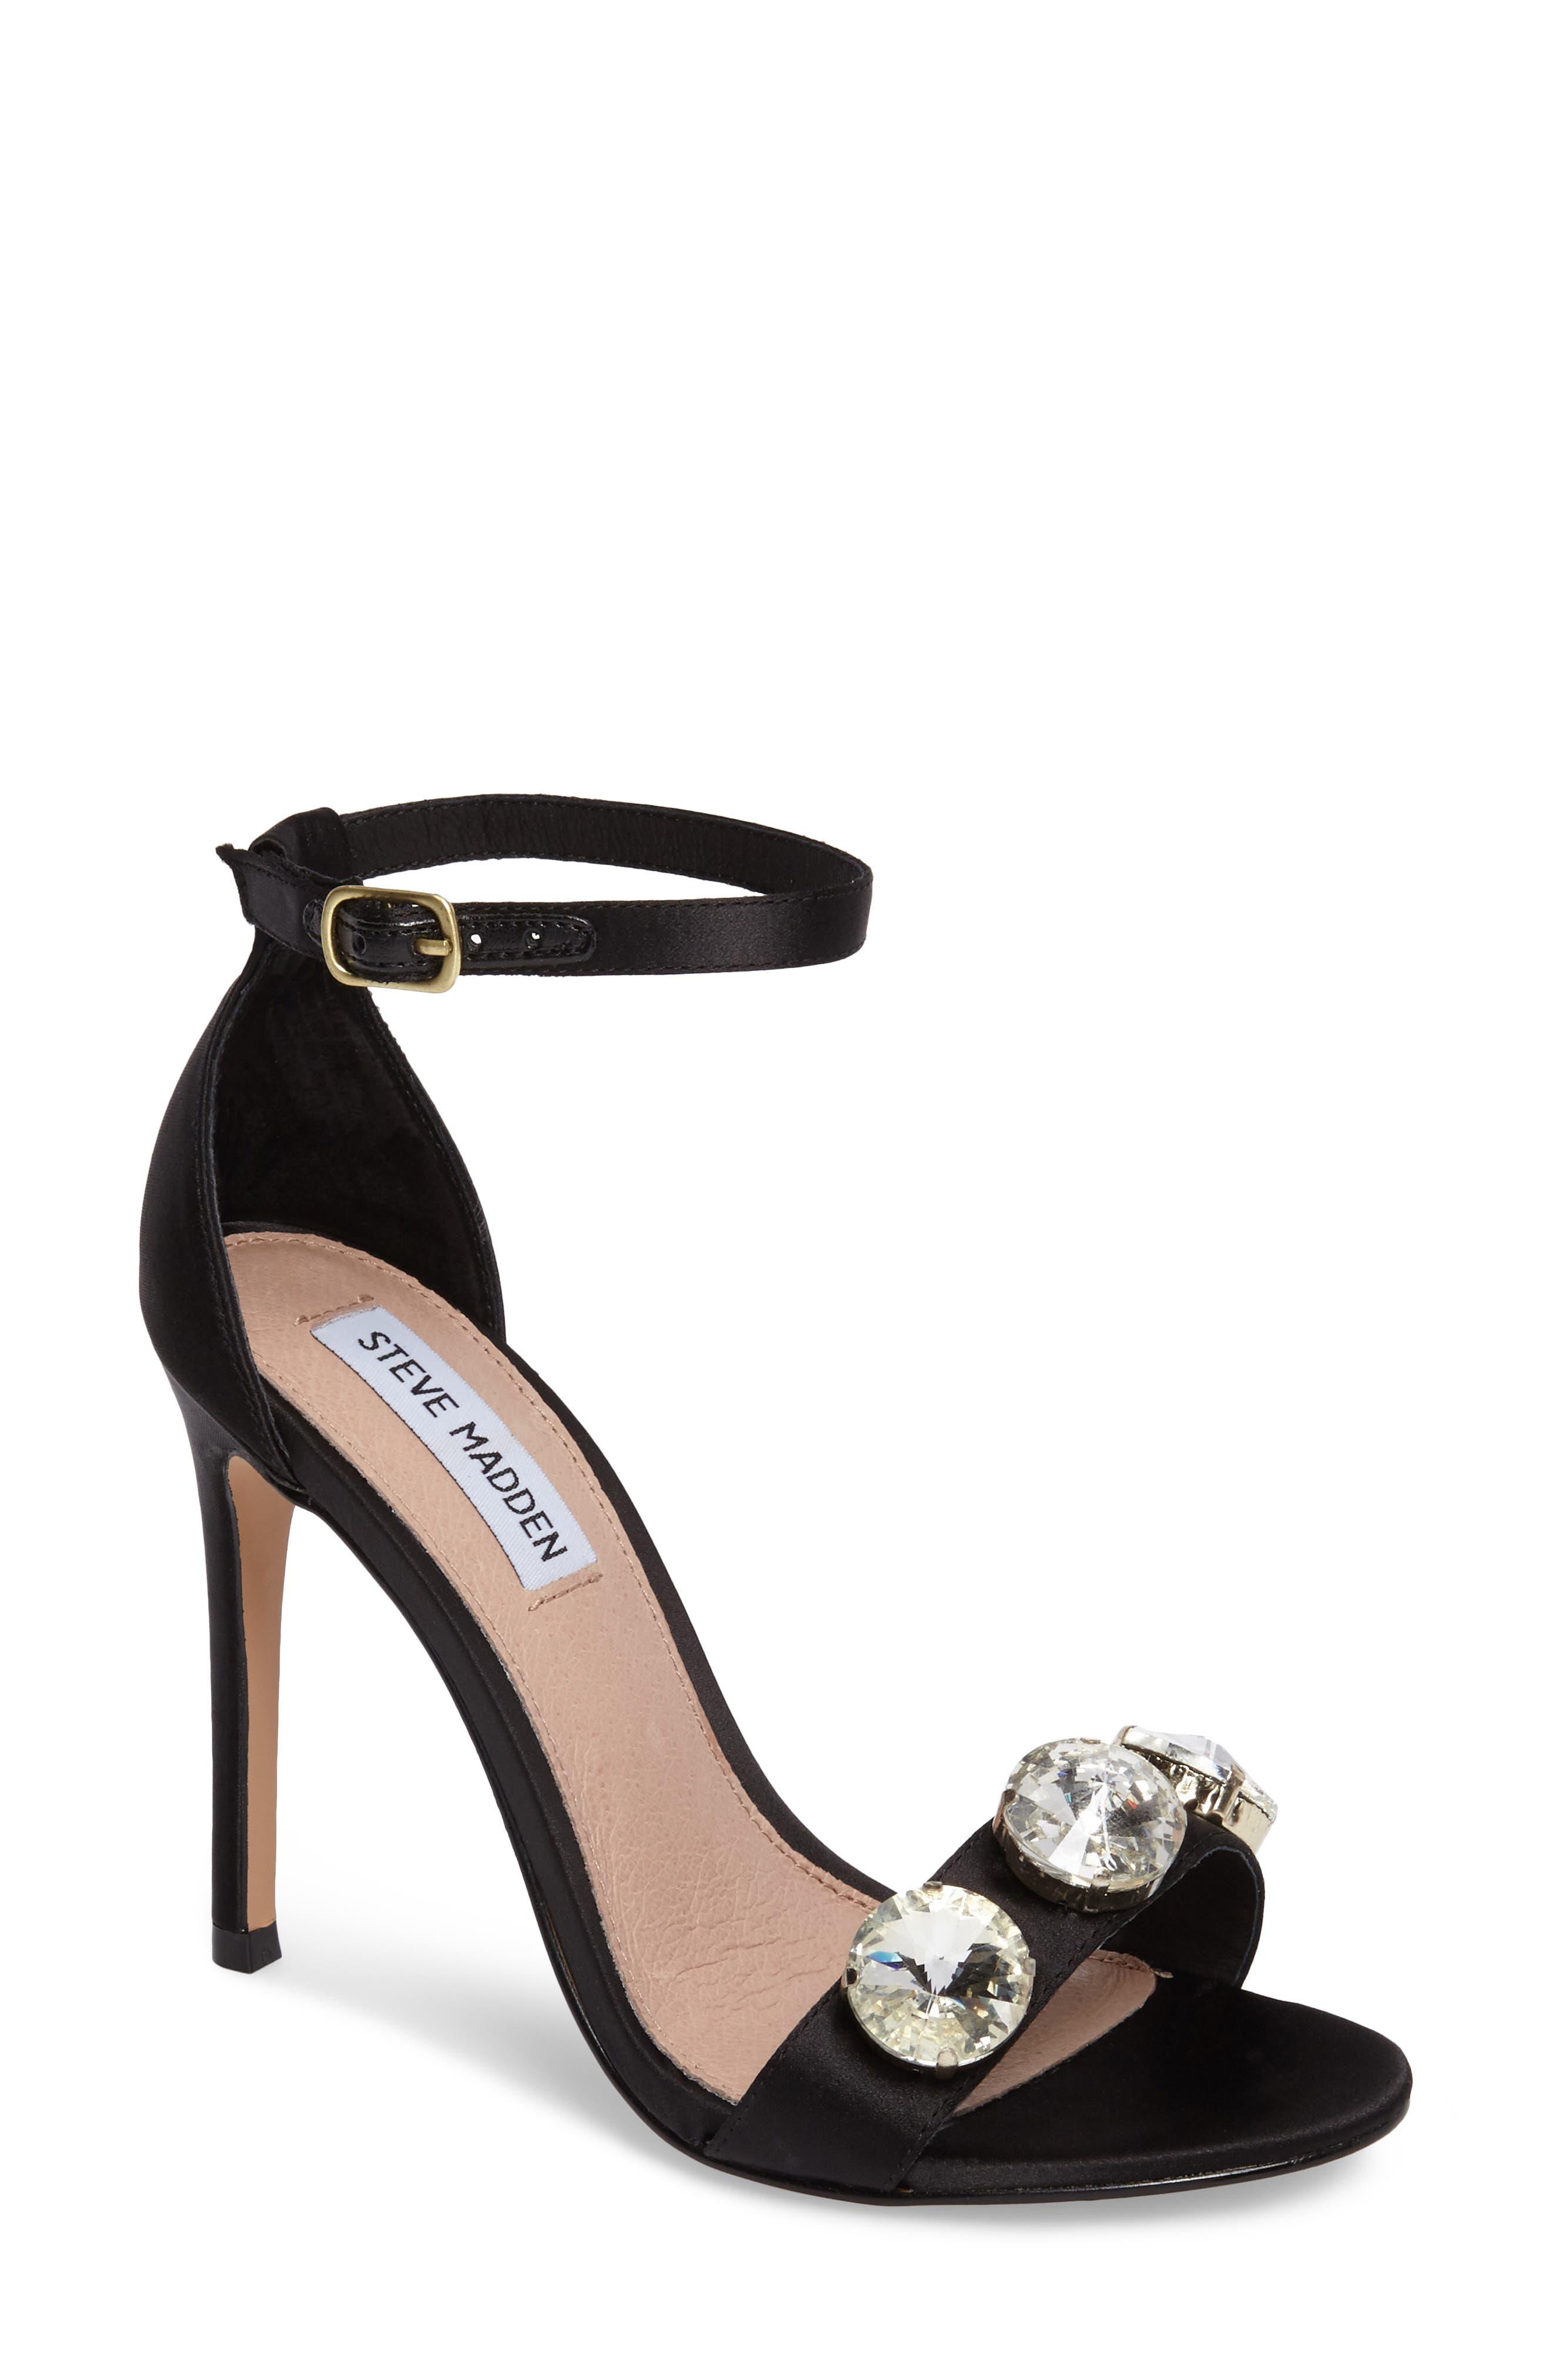 Main Image - Steve Madden Fabulous Embellished Sandal (Women)